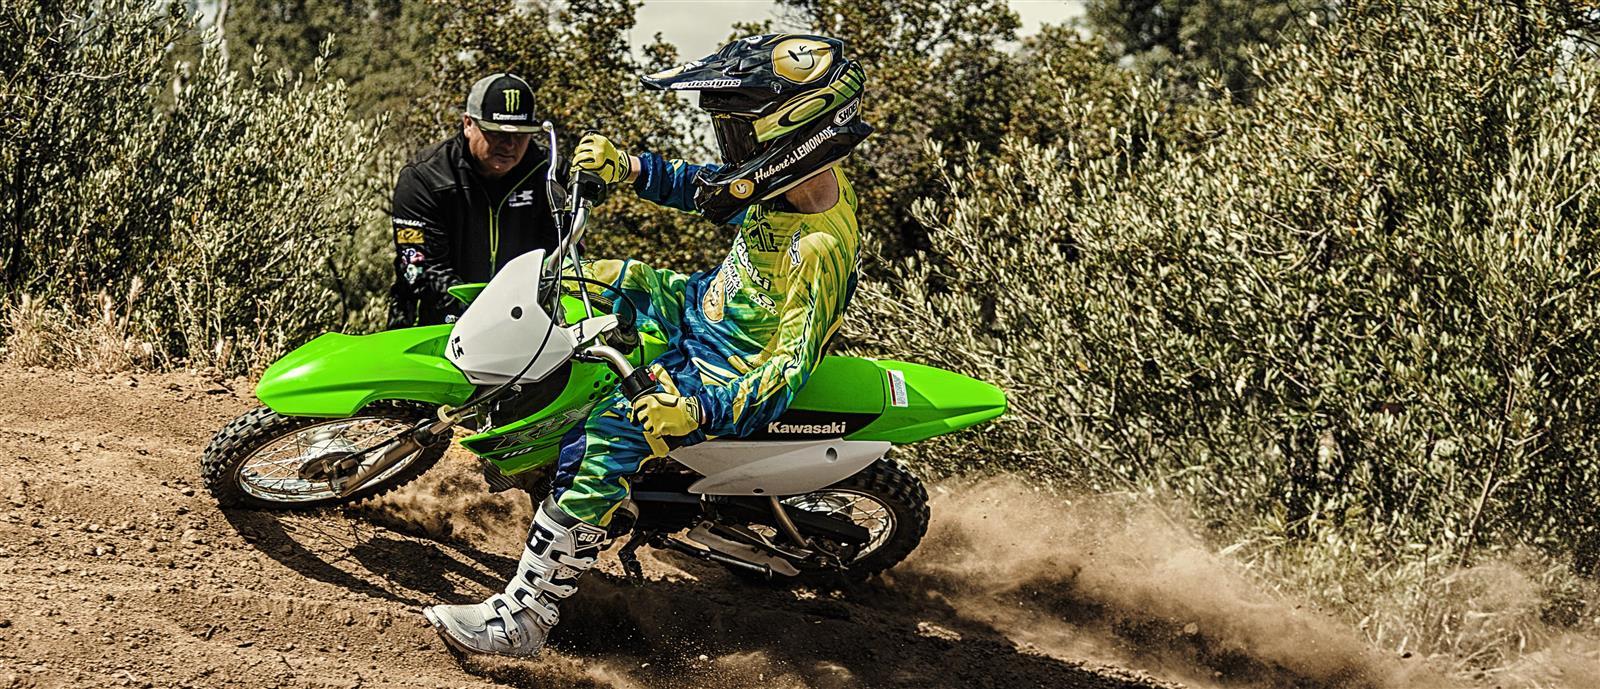 Klx110 My 2020 Kawasaki United Kingdom